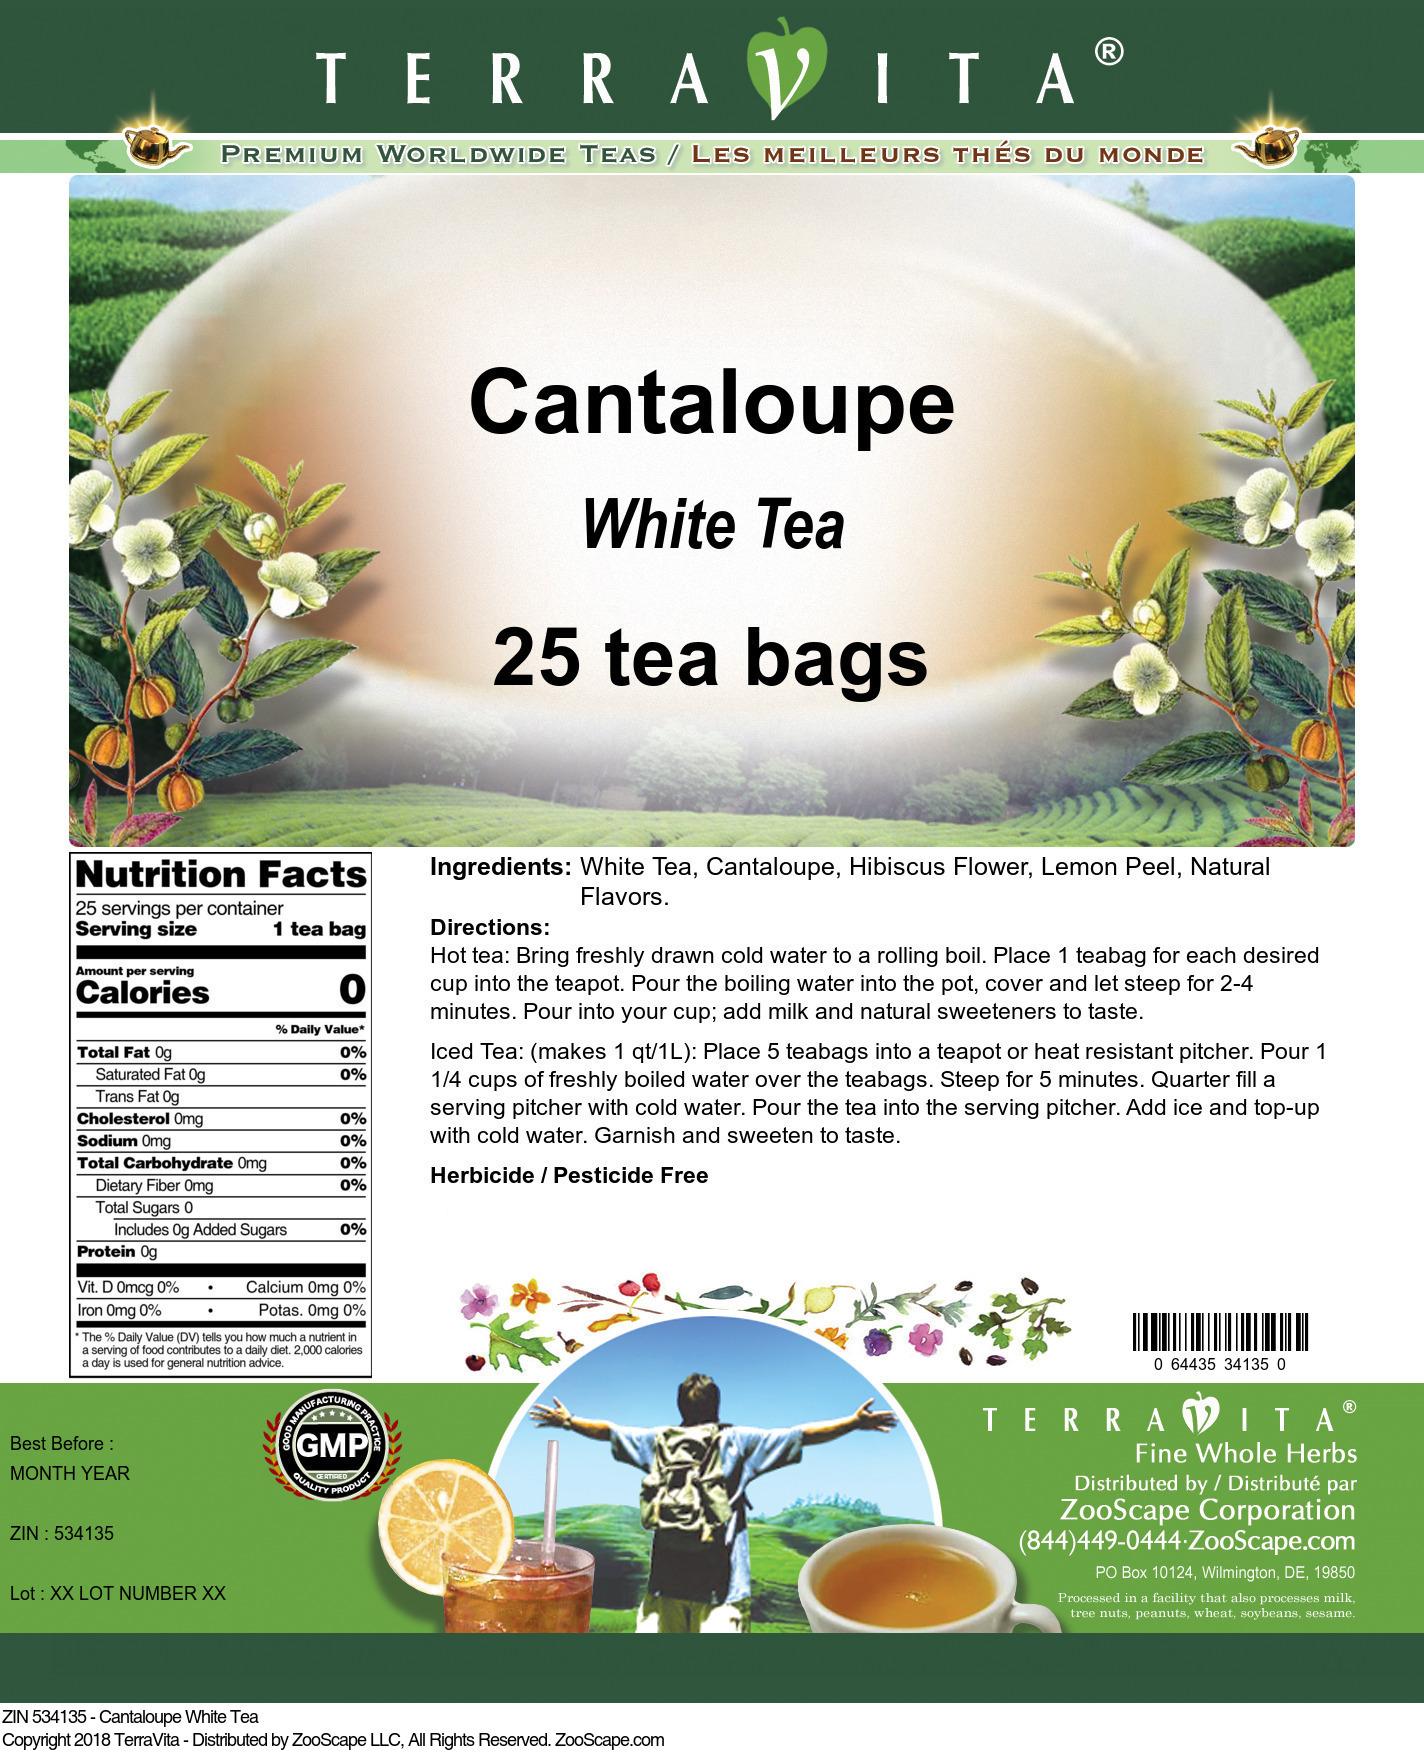 Cantaloupe White Tea